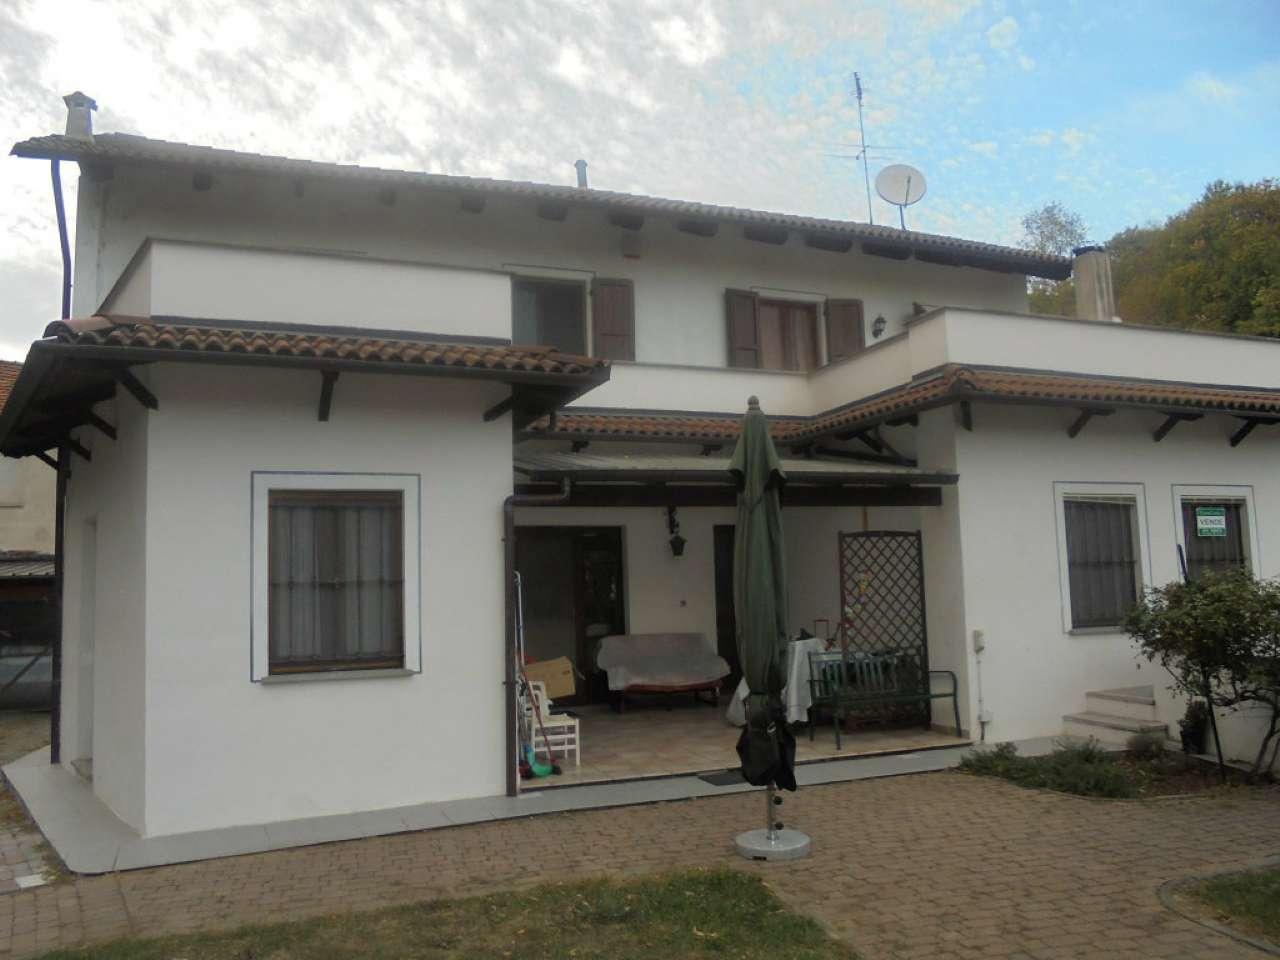 Soluzione Indipendente in vendita a Montalenghe, 6 locali, prezzo € 189.000 | CambioCasa.it